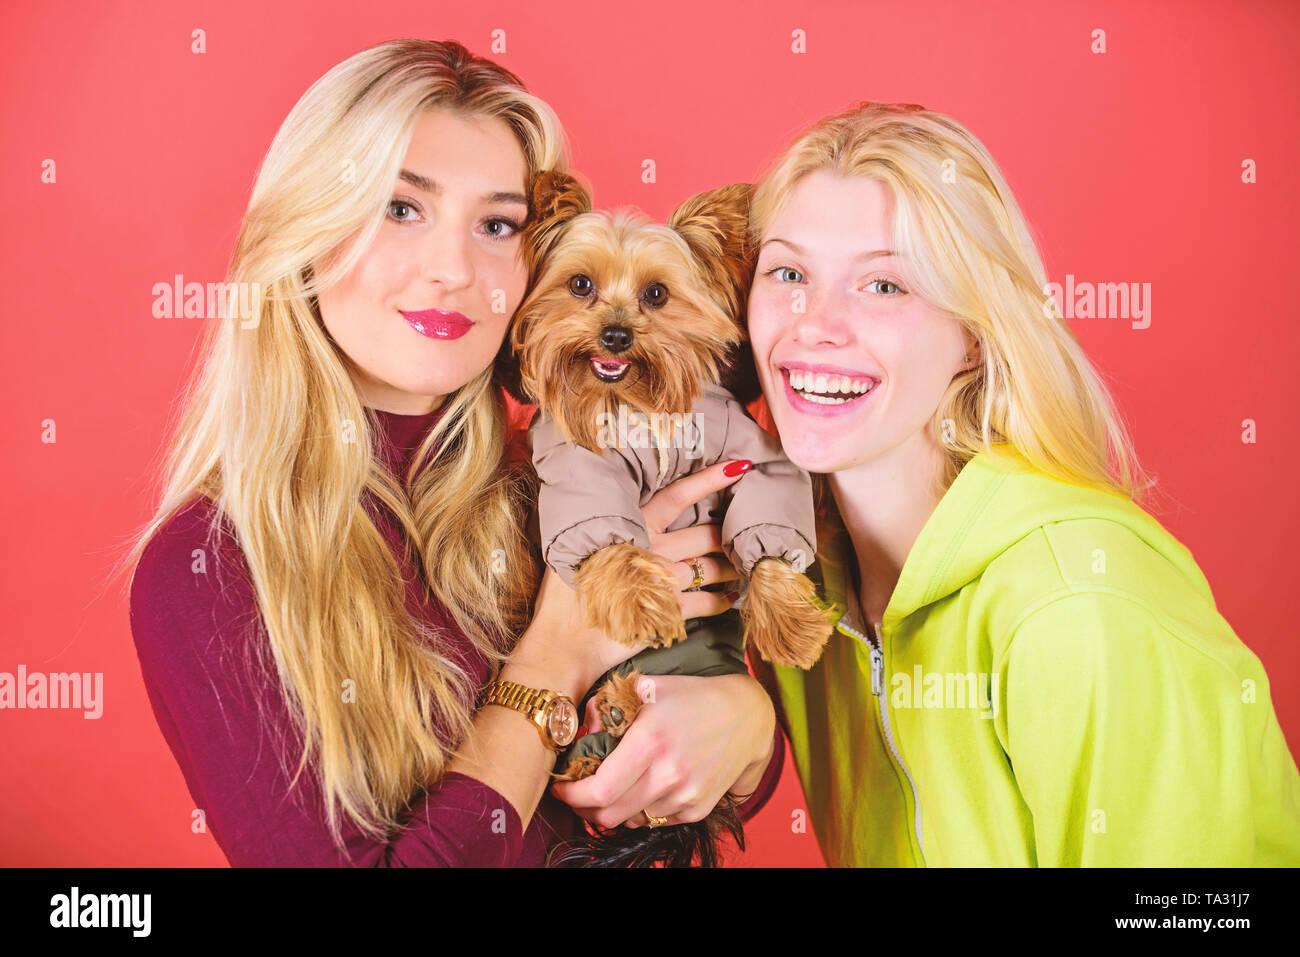 Simpatico cane da compagnia. Yorkshire Terrier razza ama la socializzazione. Bionda ragazze adorano poco simpatico cane. Donne abbraccio Yorkshire terrier. Yorkshire terrier è molto affettuoso cane amorevole che craves attenzione. Immagini Stock